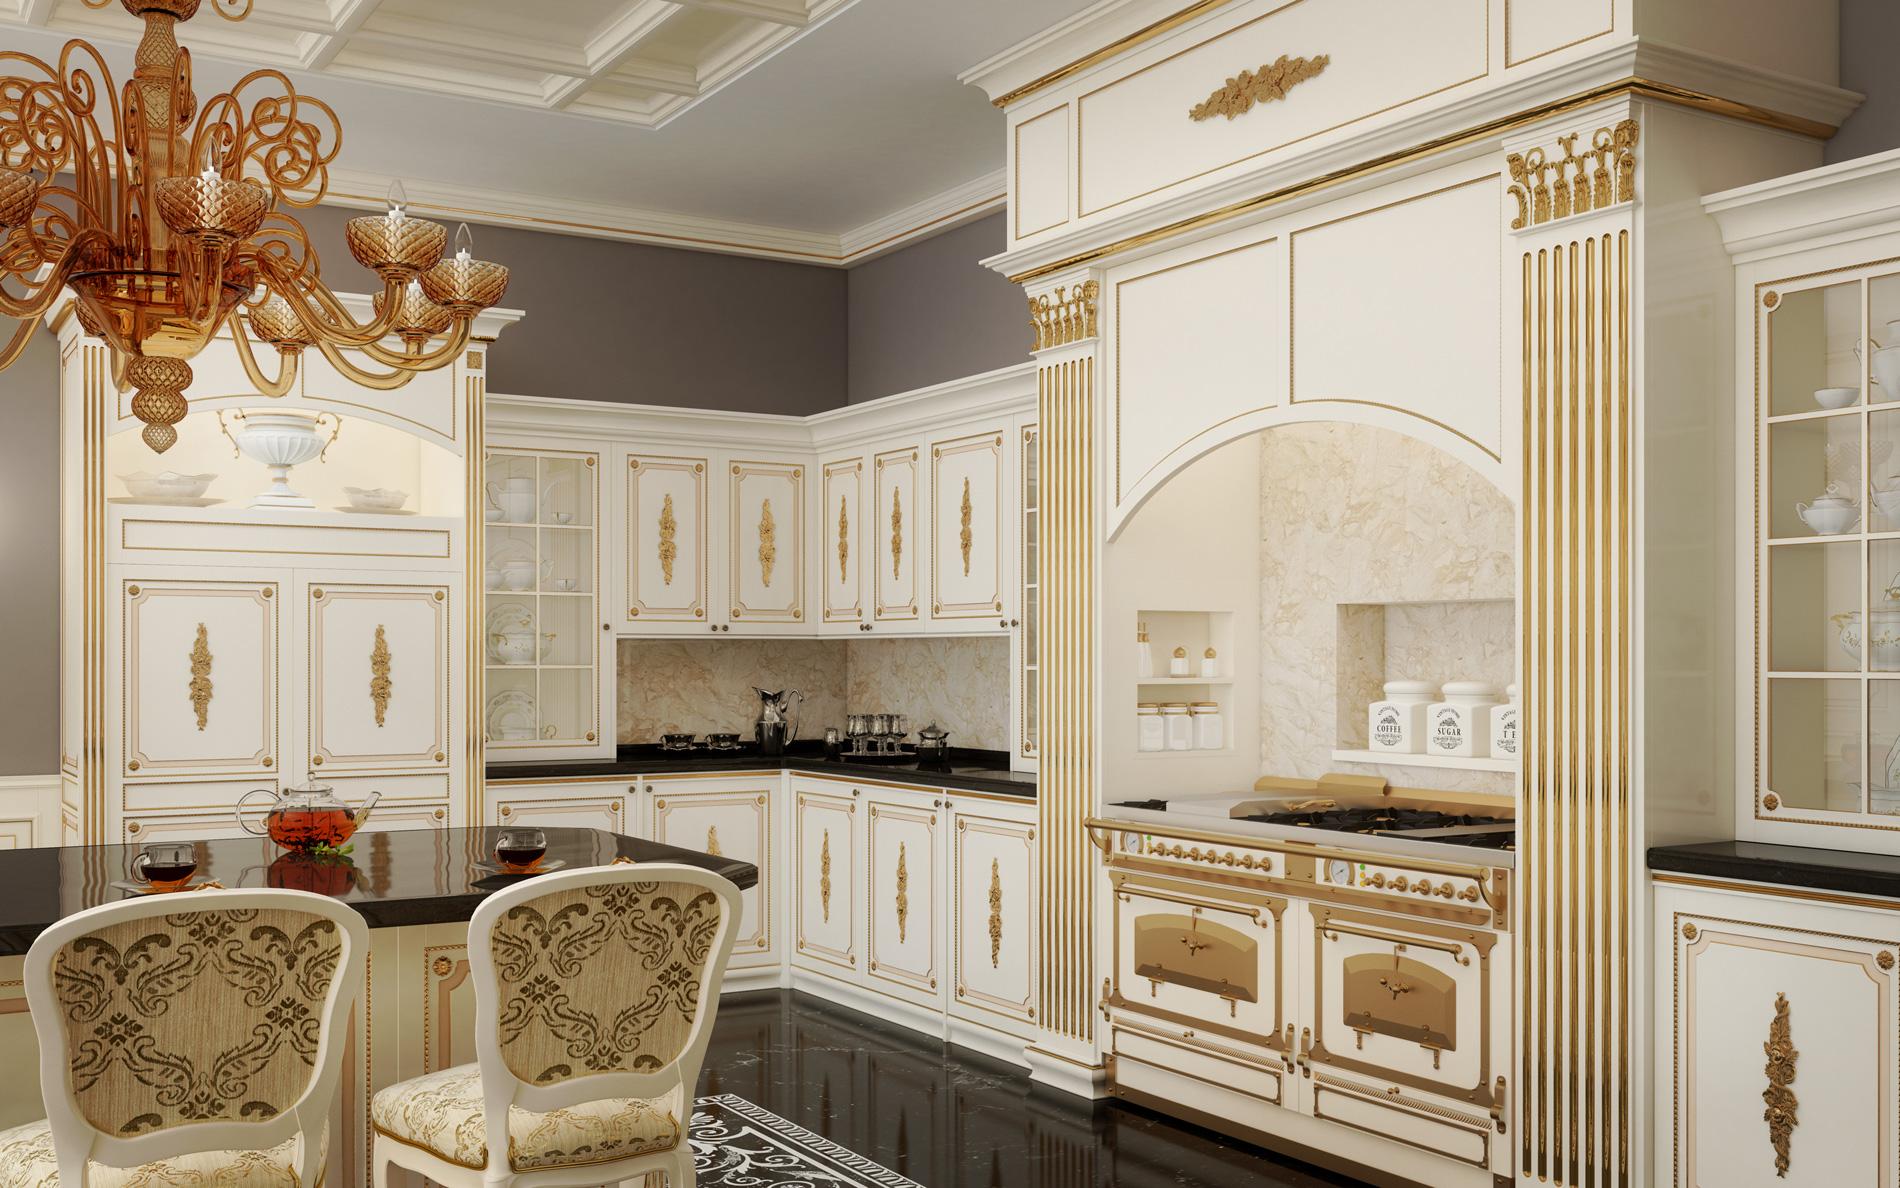 - Immagini di cucine classiche ...